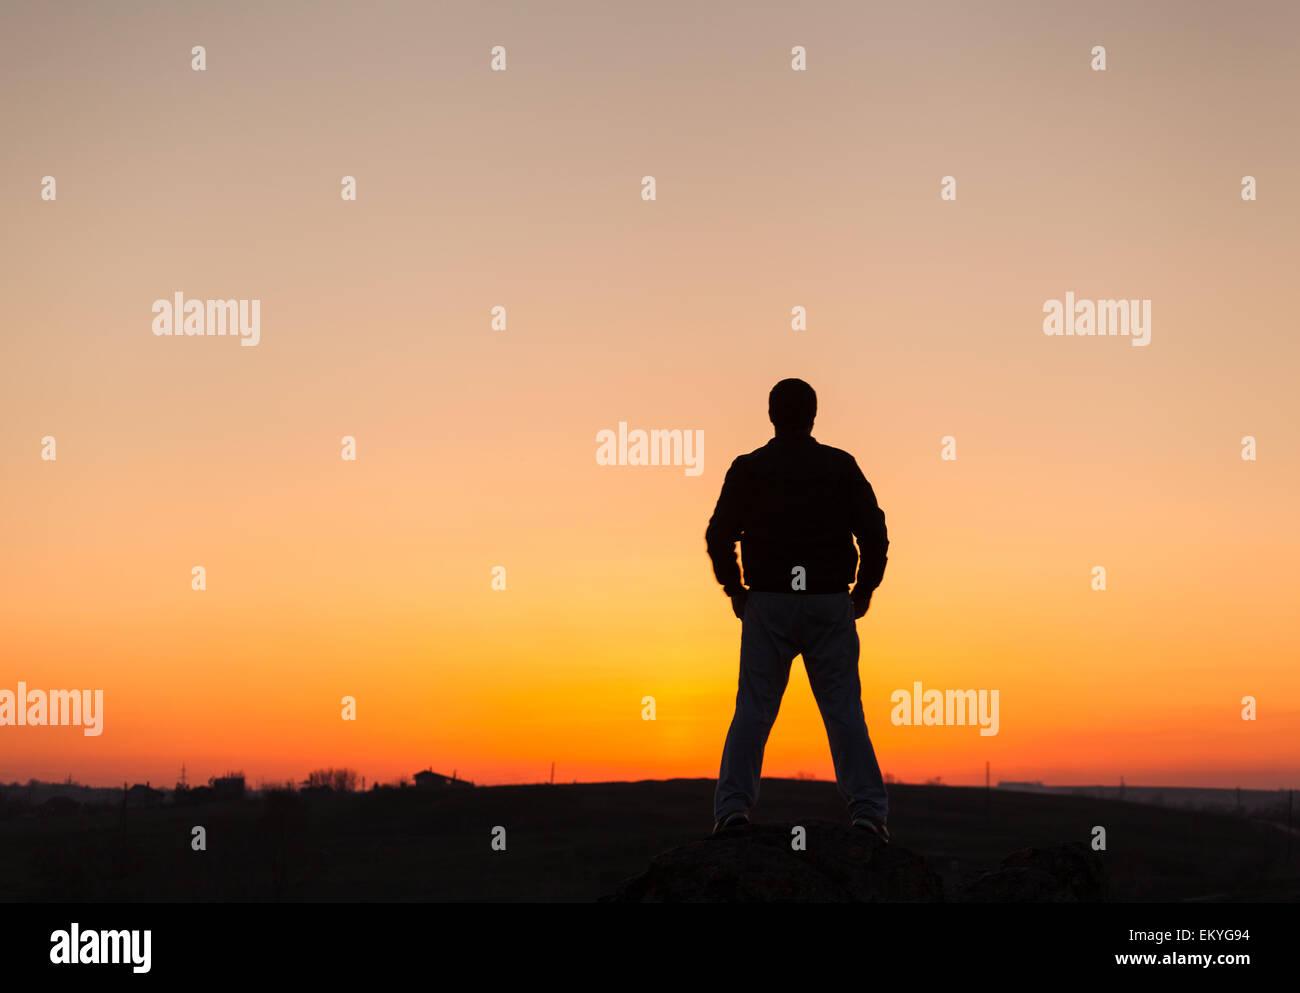 Silhouette des Menschen und schönen Himmel. Element des Designs. Sommer Sonnenuntergang. Hintergrund Stockbild